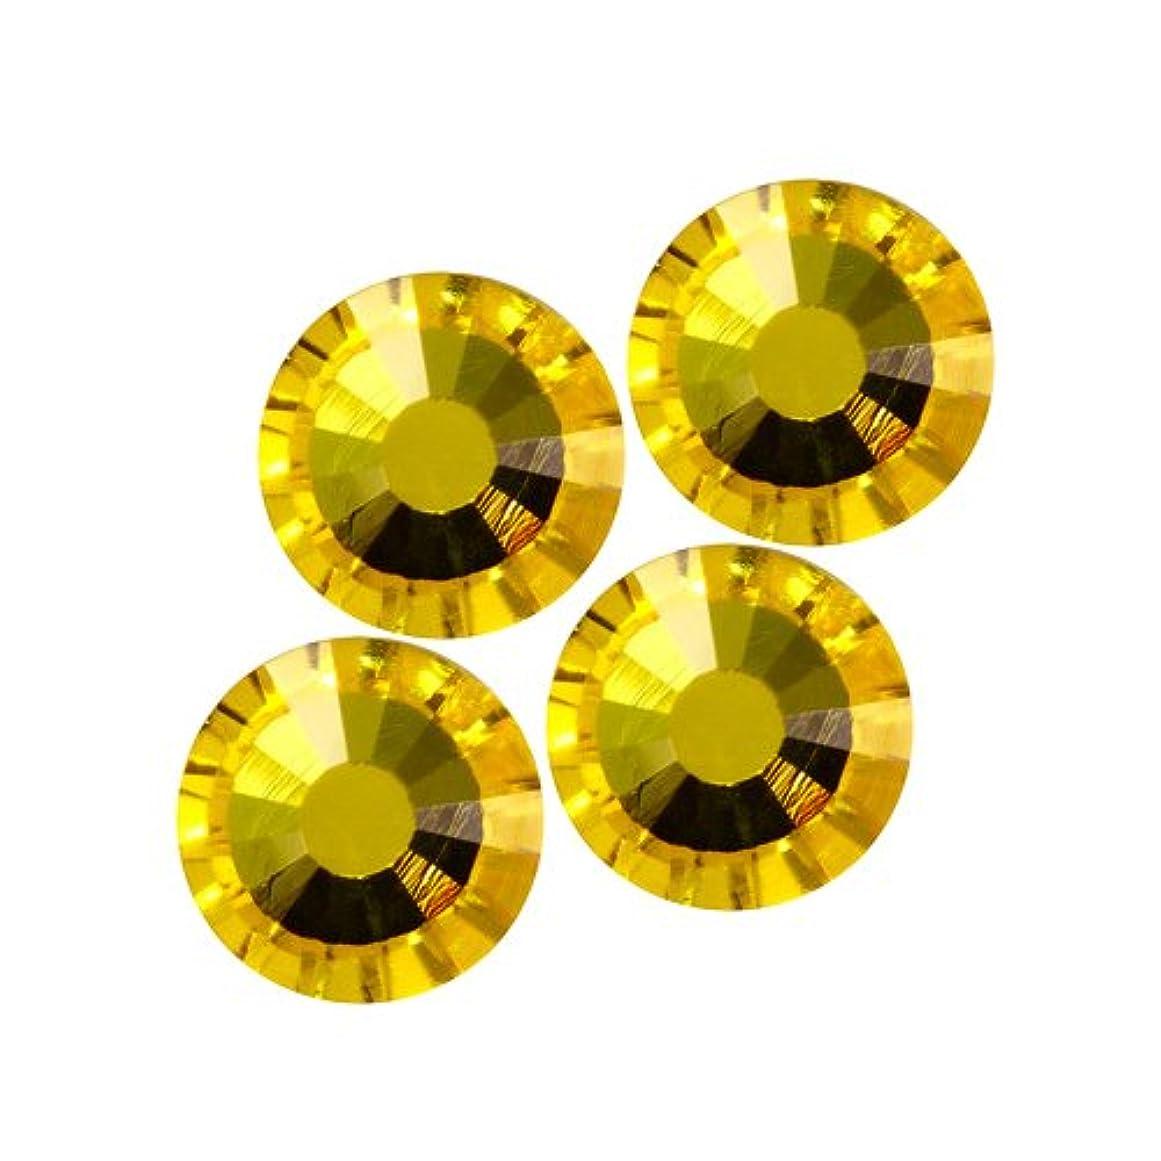 開拓者どこ陽気なバイナル DIAMOND RHINESTONE シトリンSS8 720粒 ST-SS8-CIT-5G